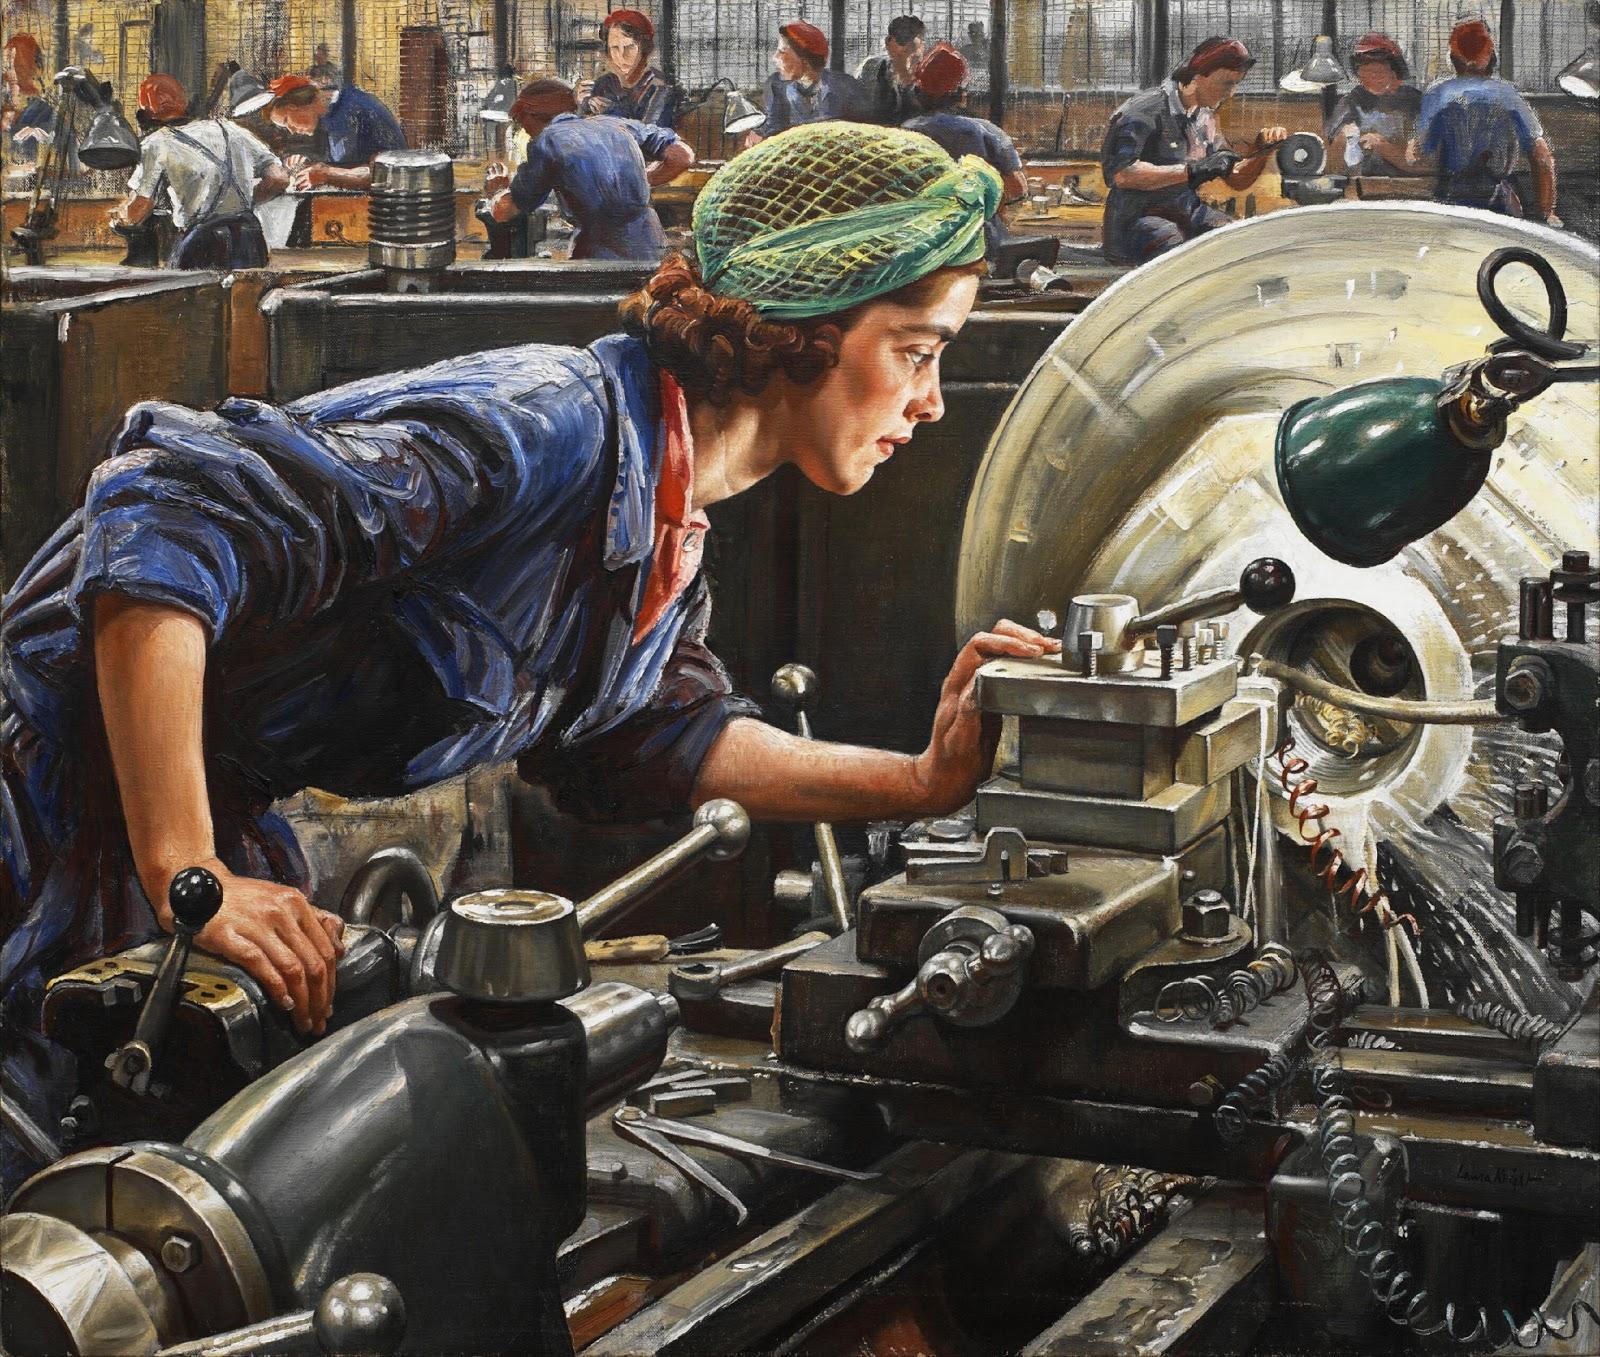 An toàn lao động trong sản xuất góp phần nâng cao năng lực của người lao động